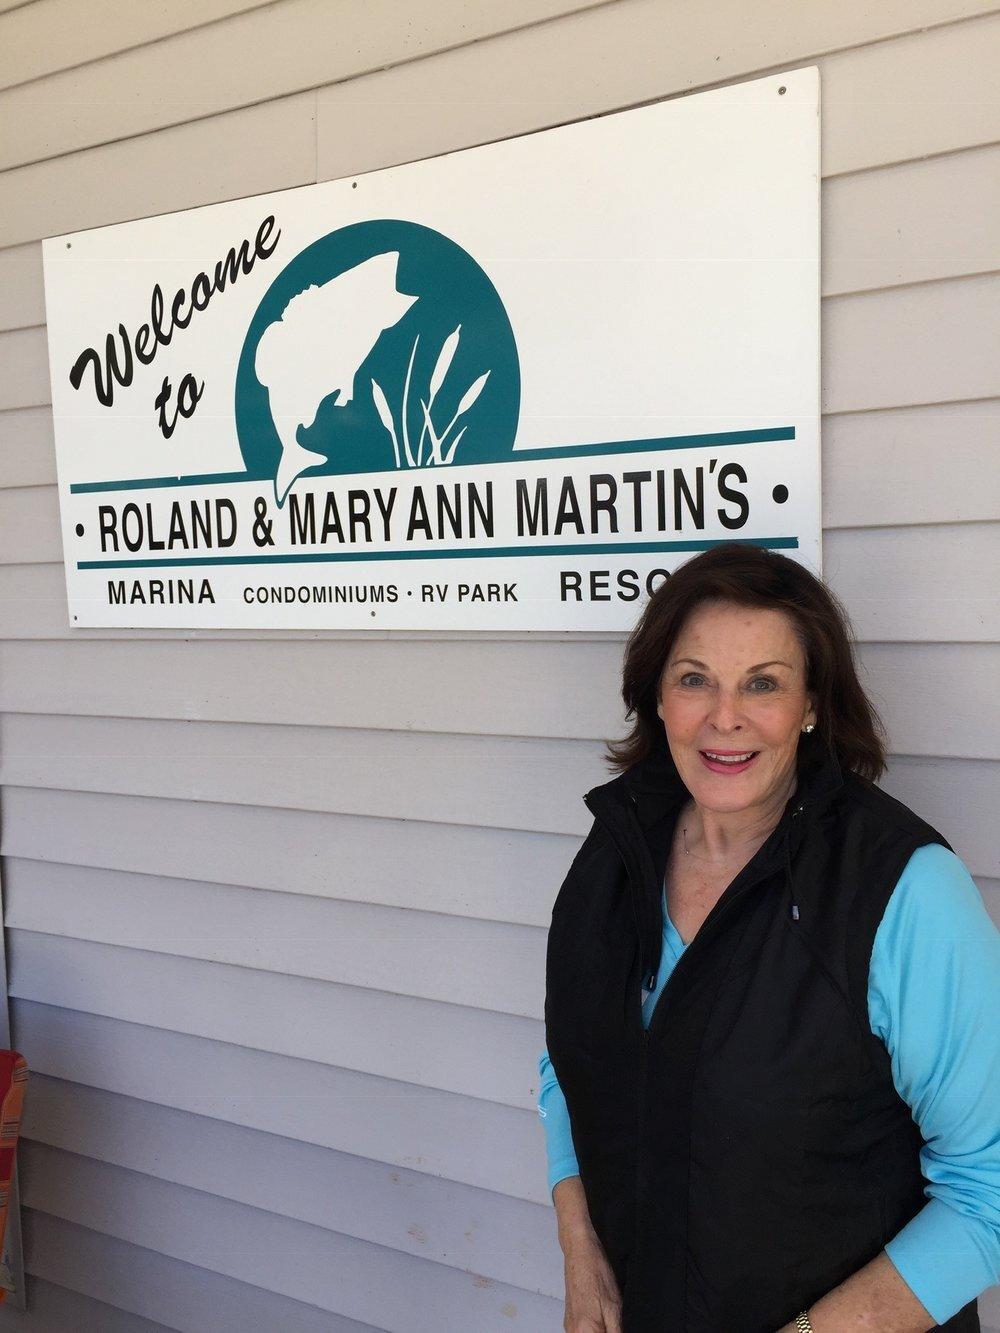 2019 Honoree, Maryann Martin